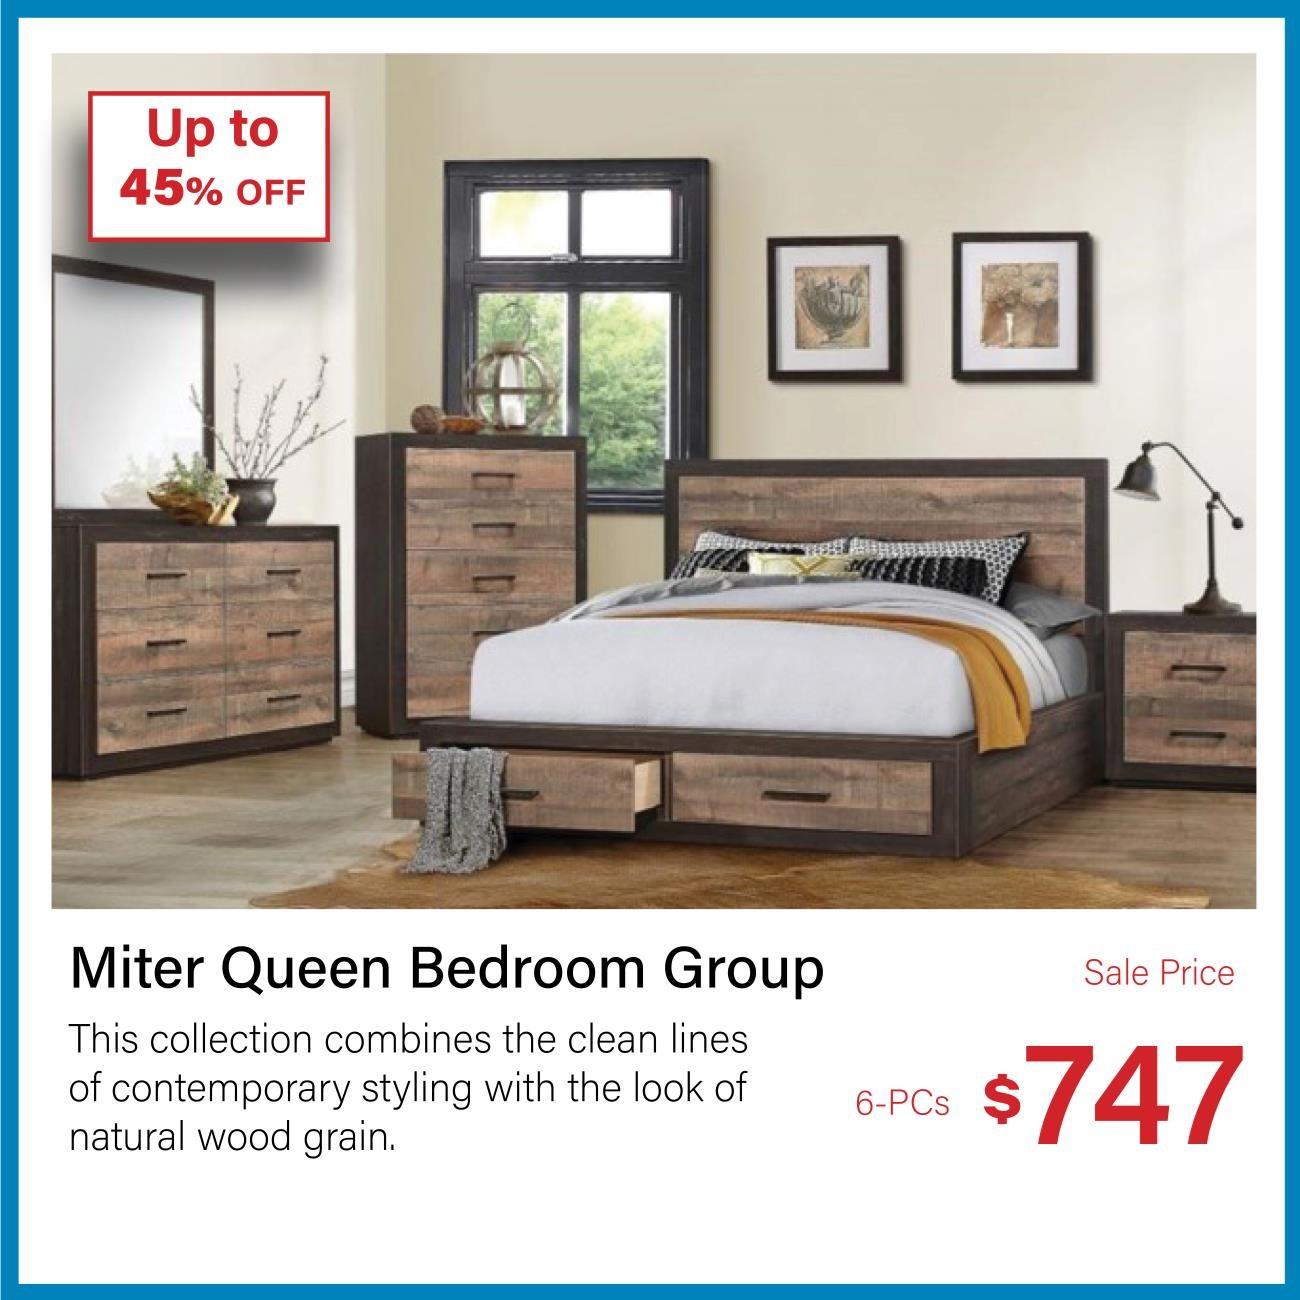 miter queen bedroom group